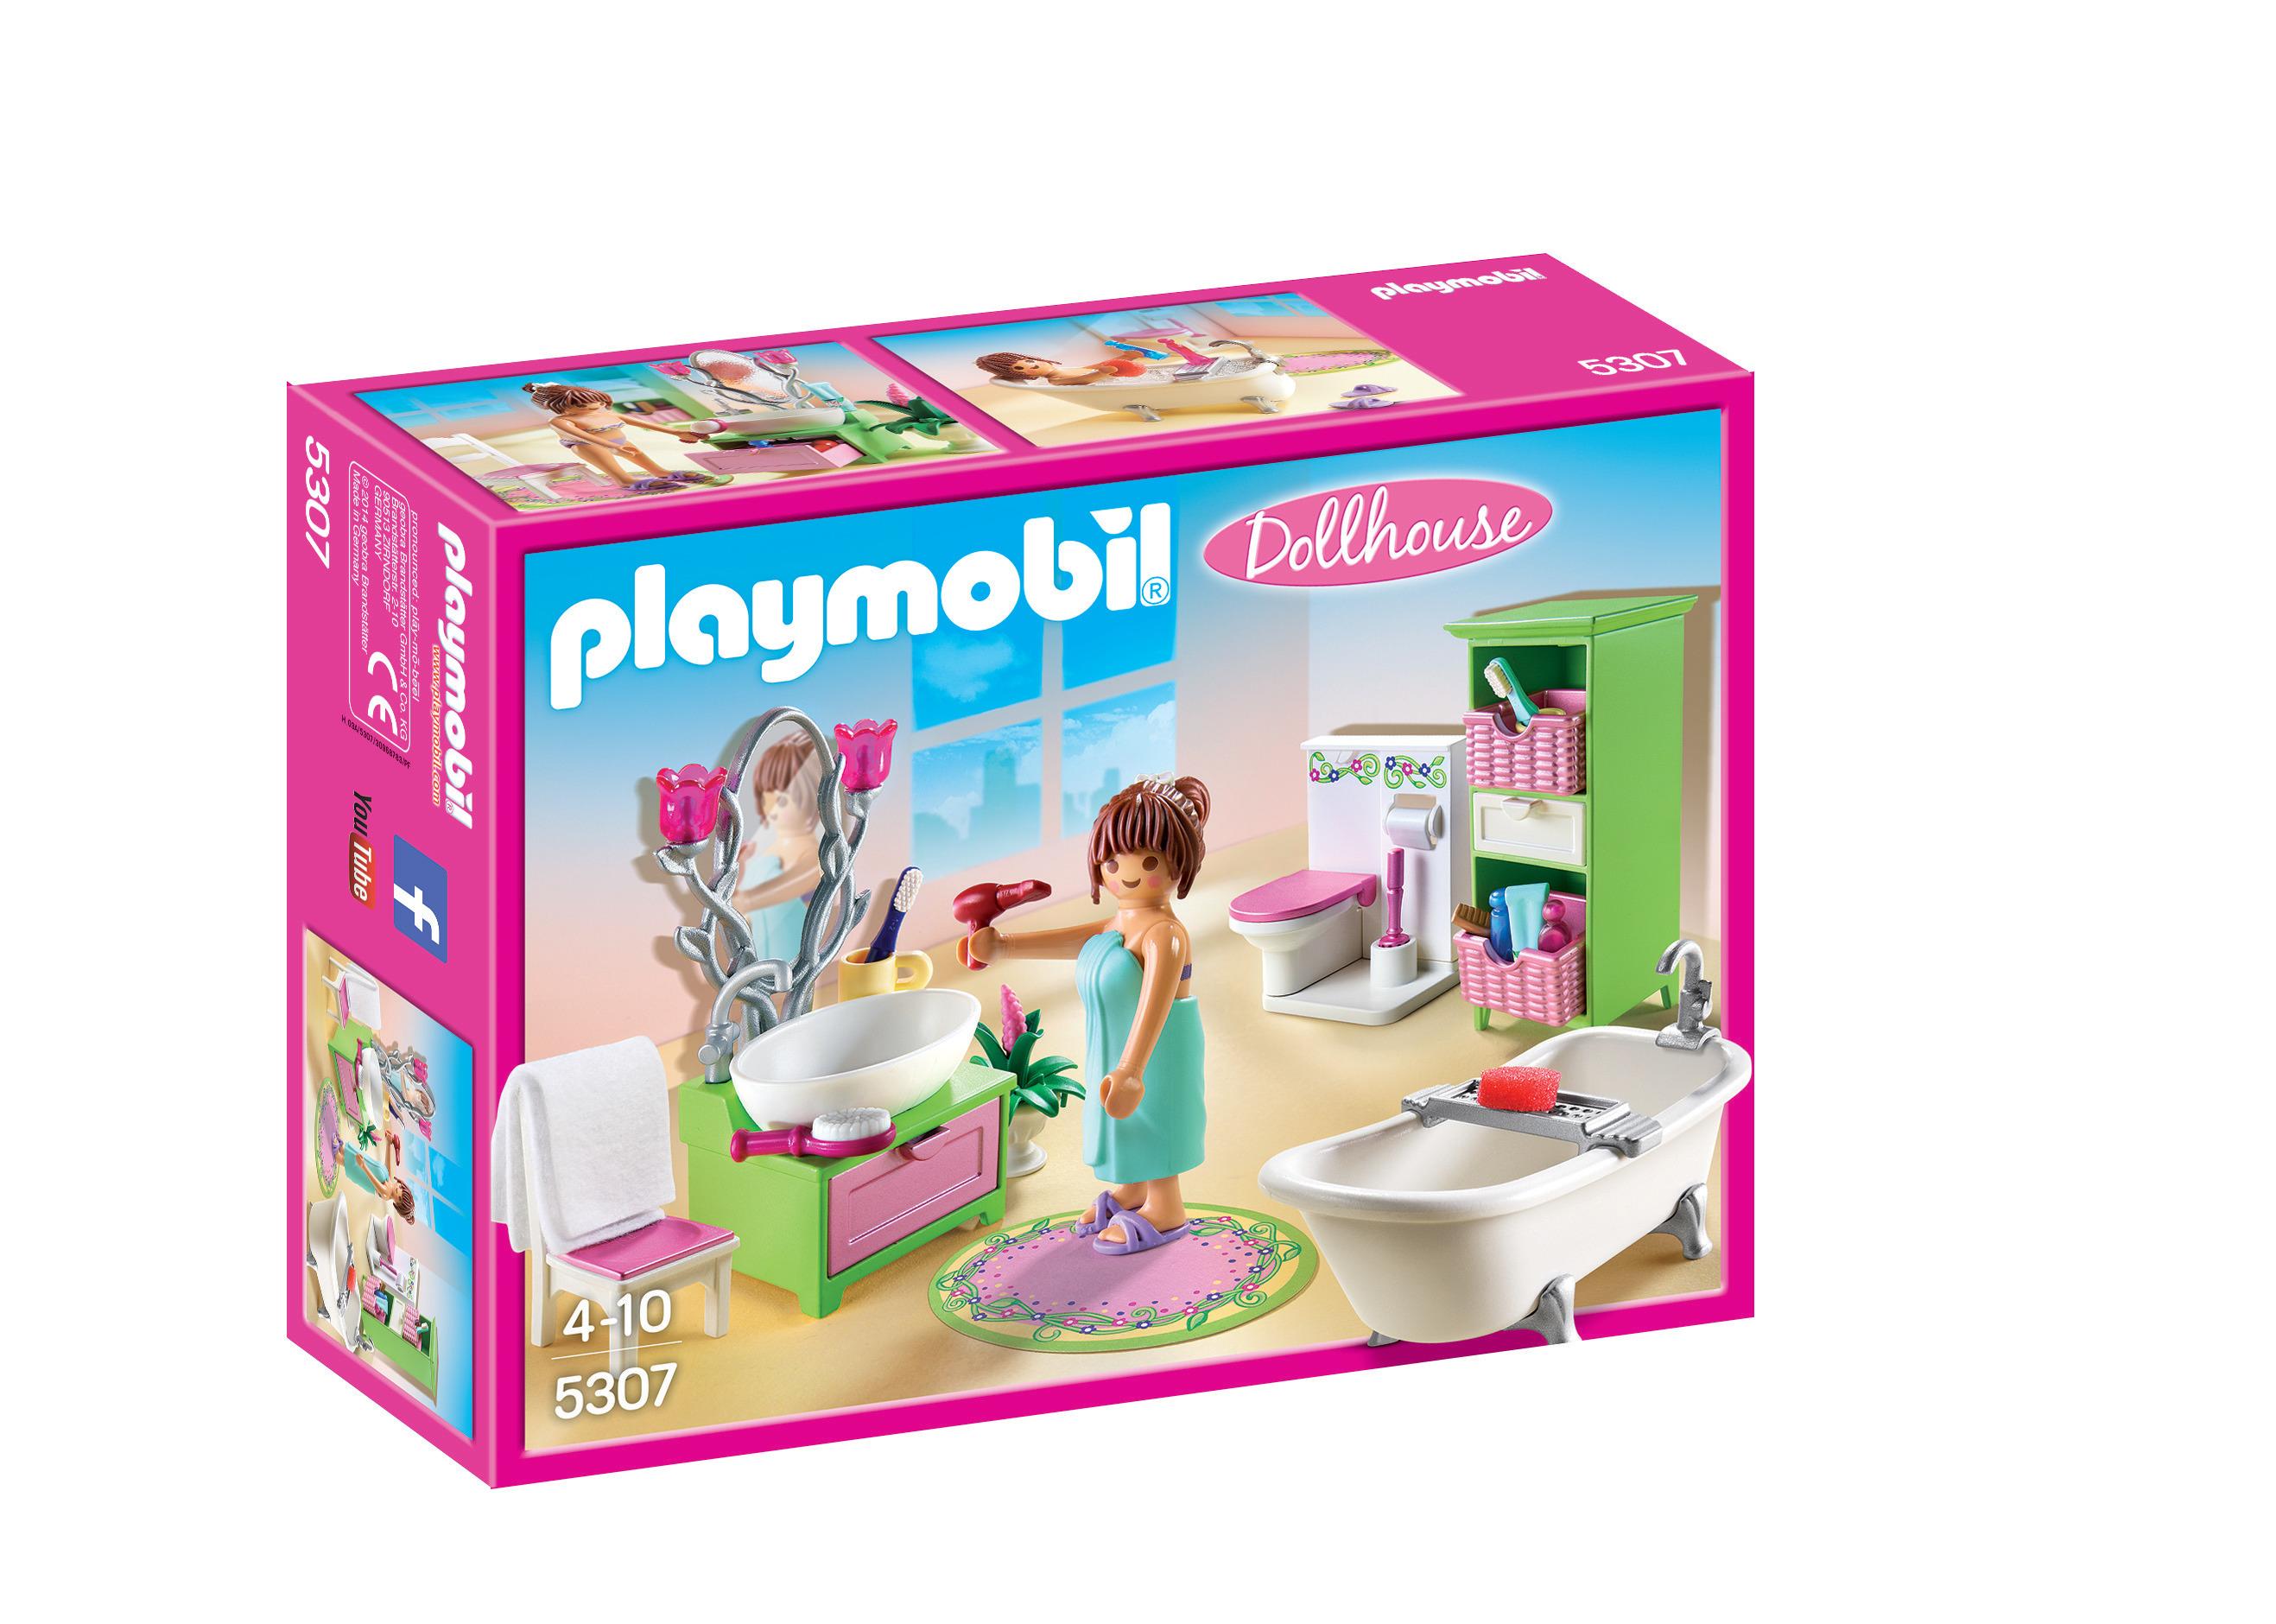 Salle de bain baignoire - Playmobil